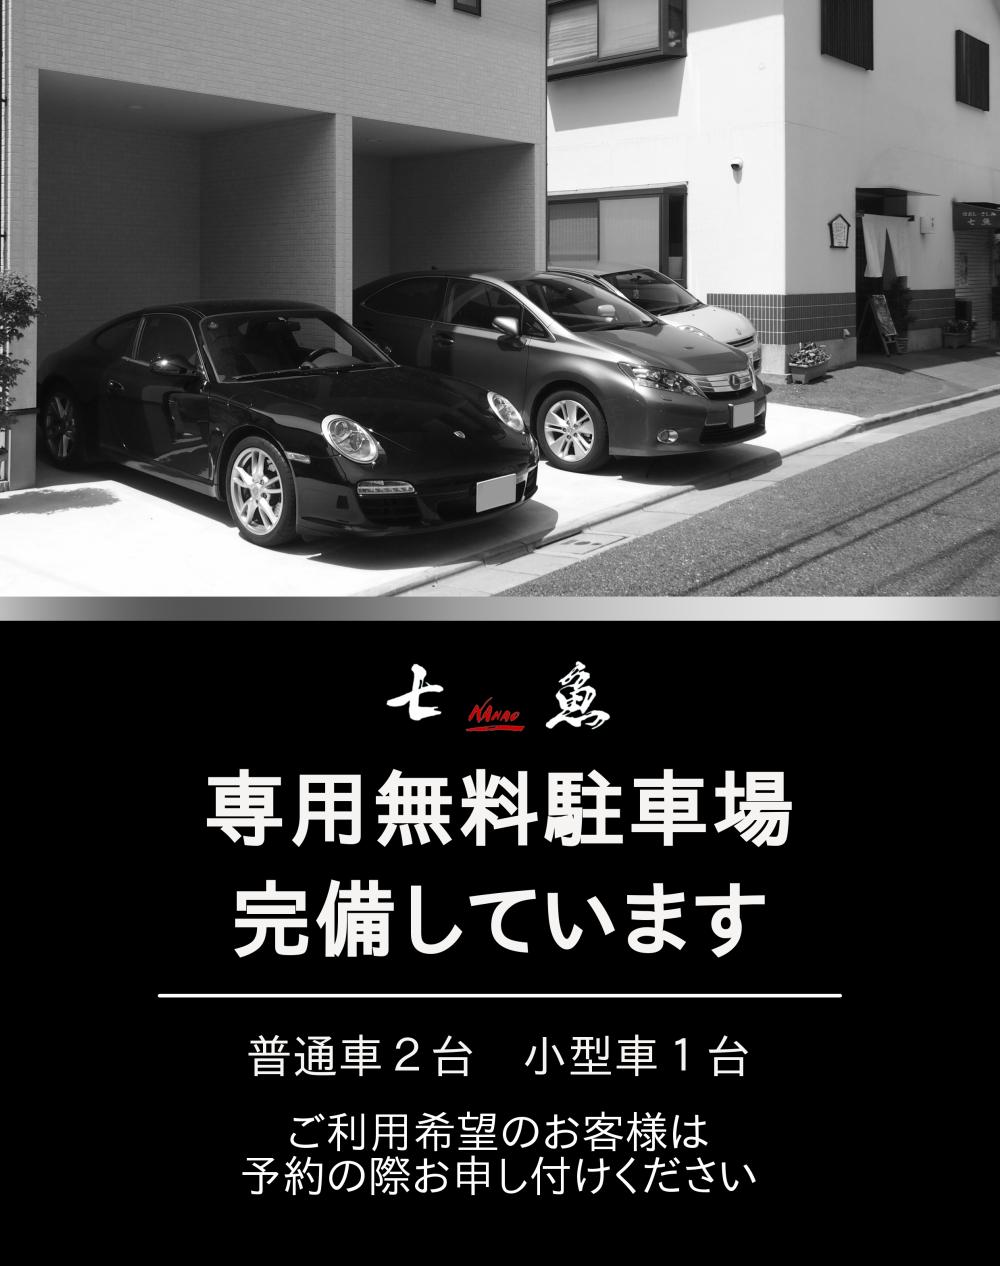 店で法事の食事会【お斎】